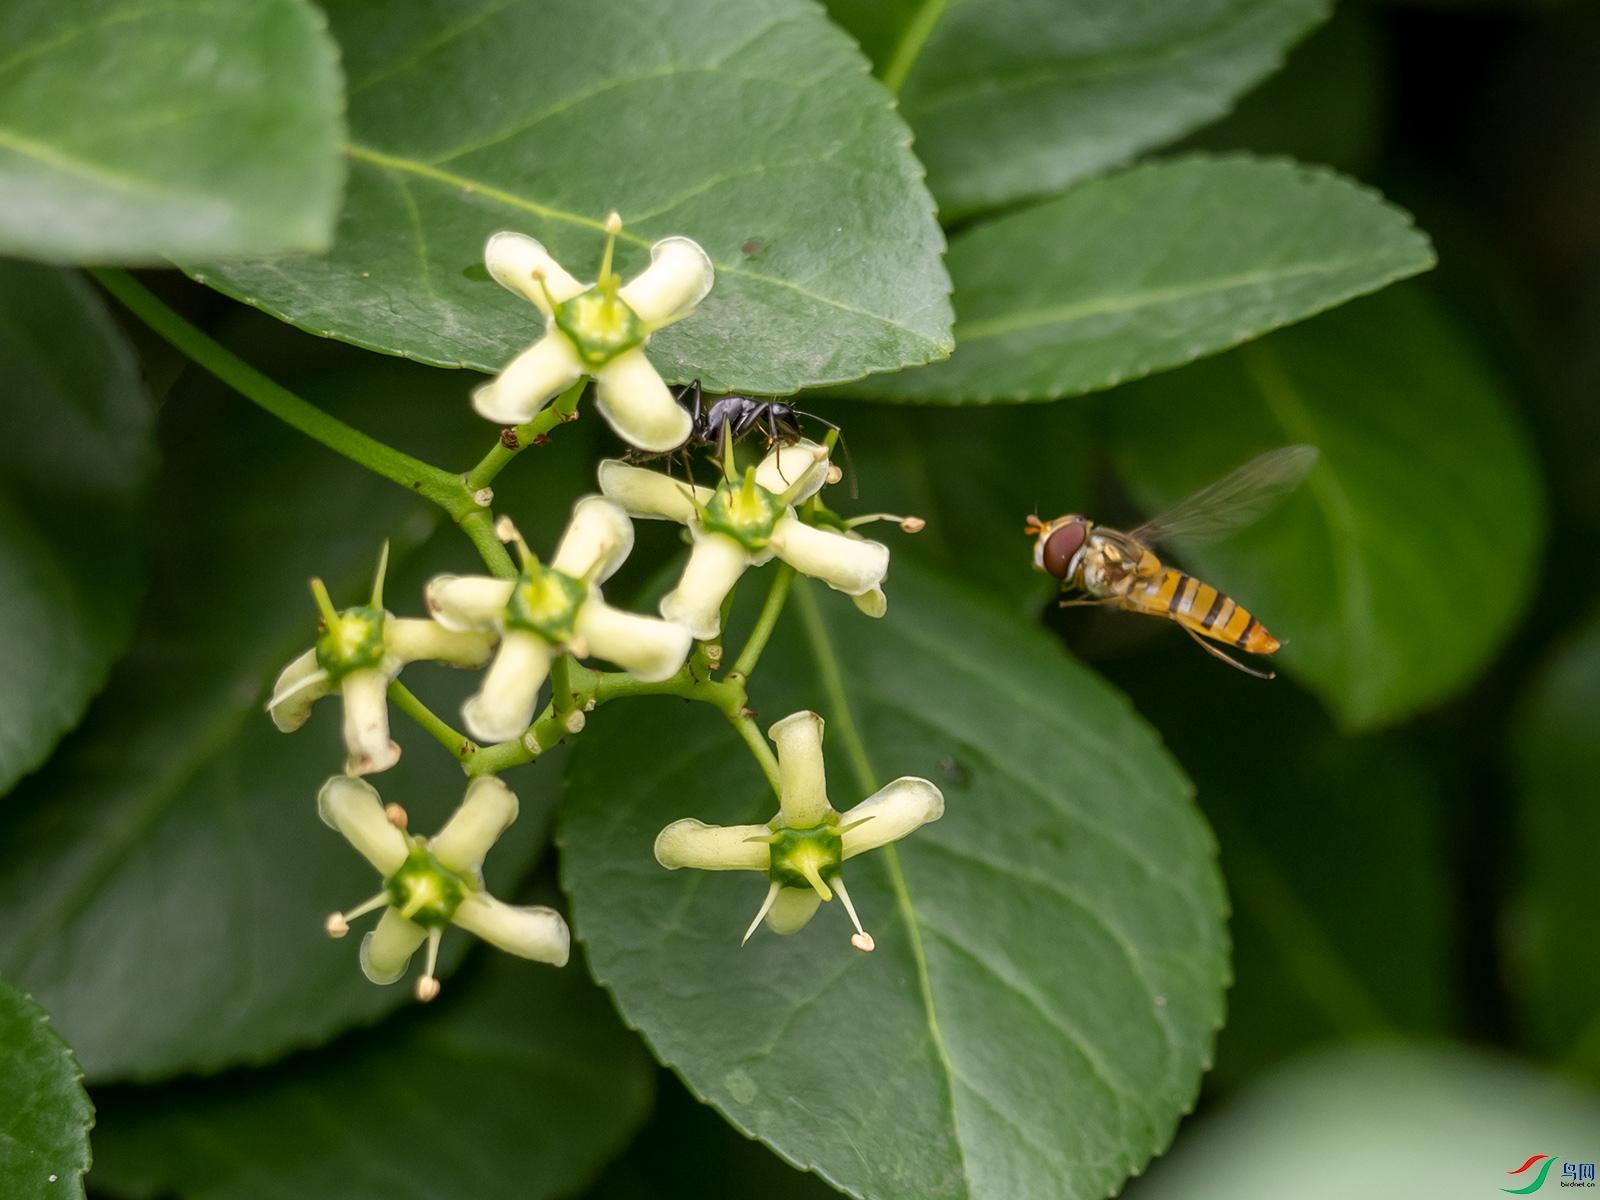 冬青卫矛引来了食蚜蝇和大蚂蚁